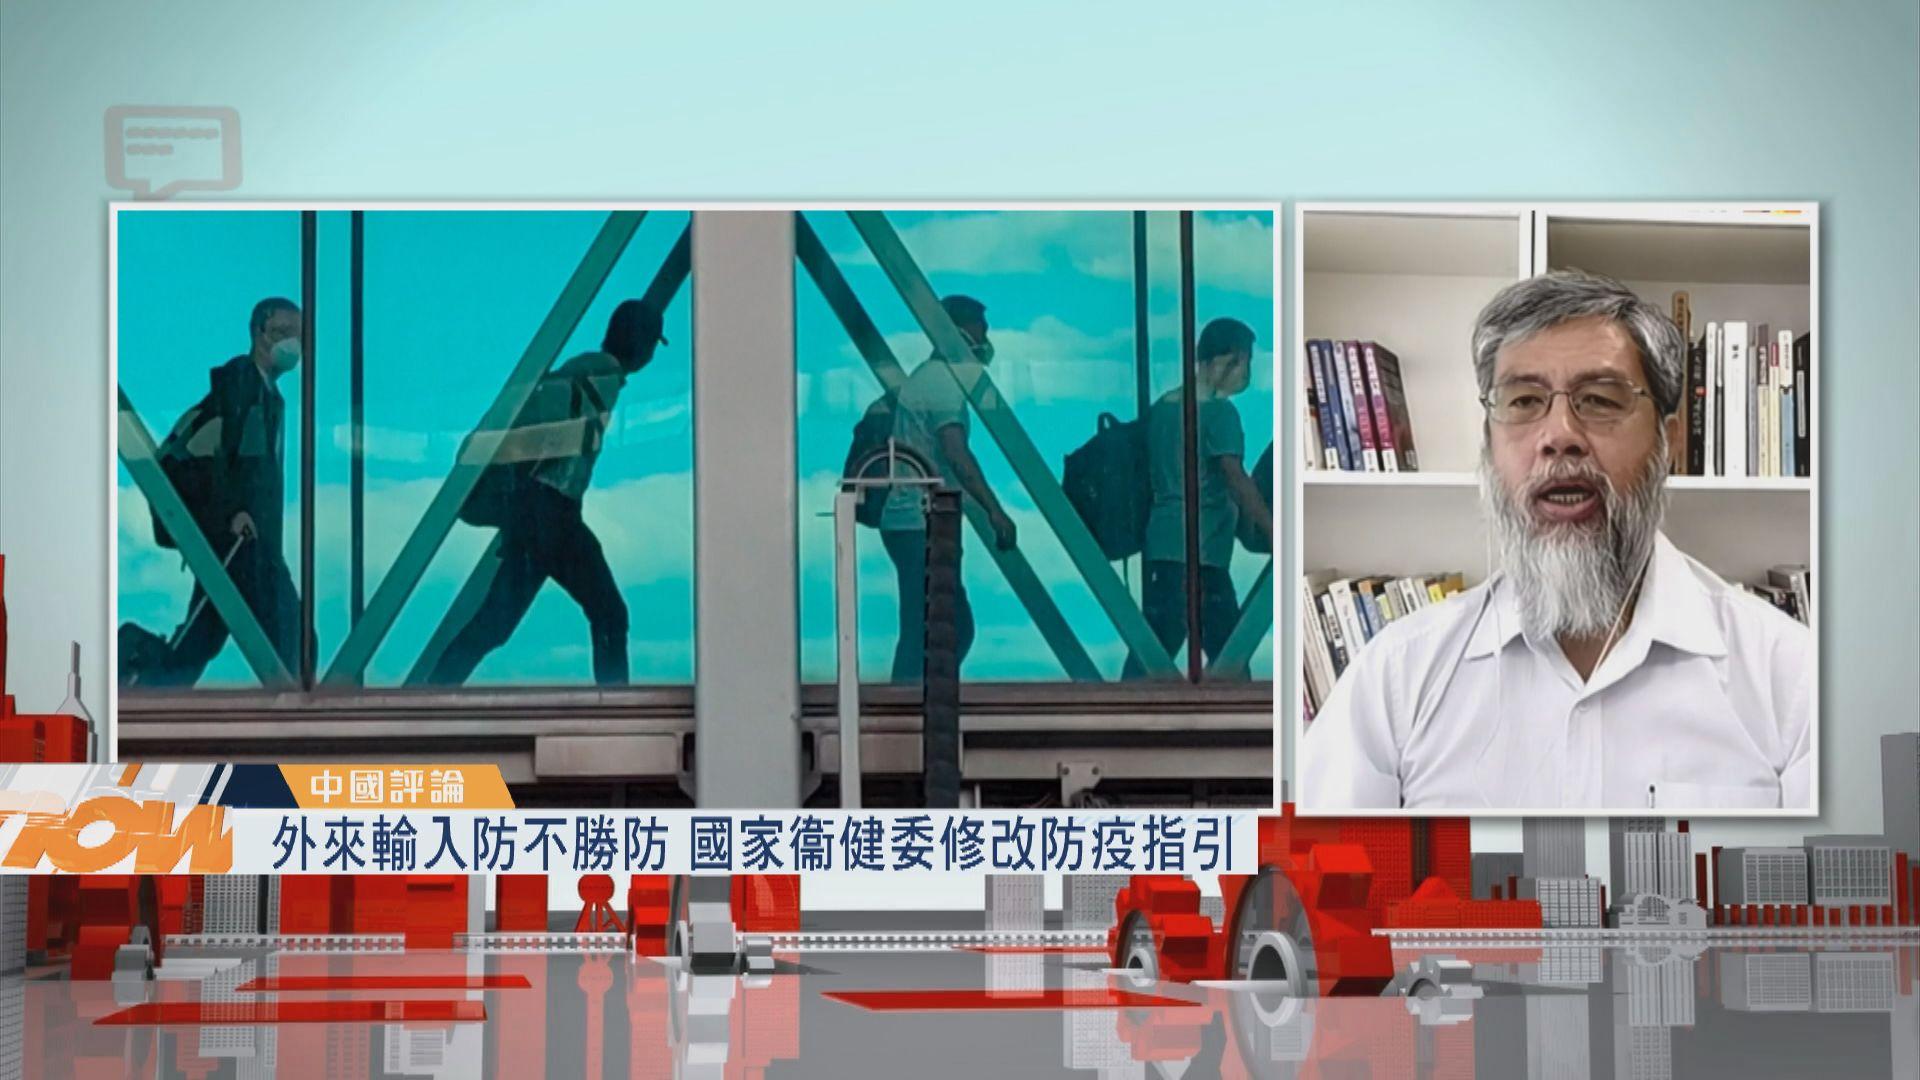 【中國評論】新冠病毒輸入個案/美副國務卿訪台